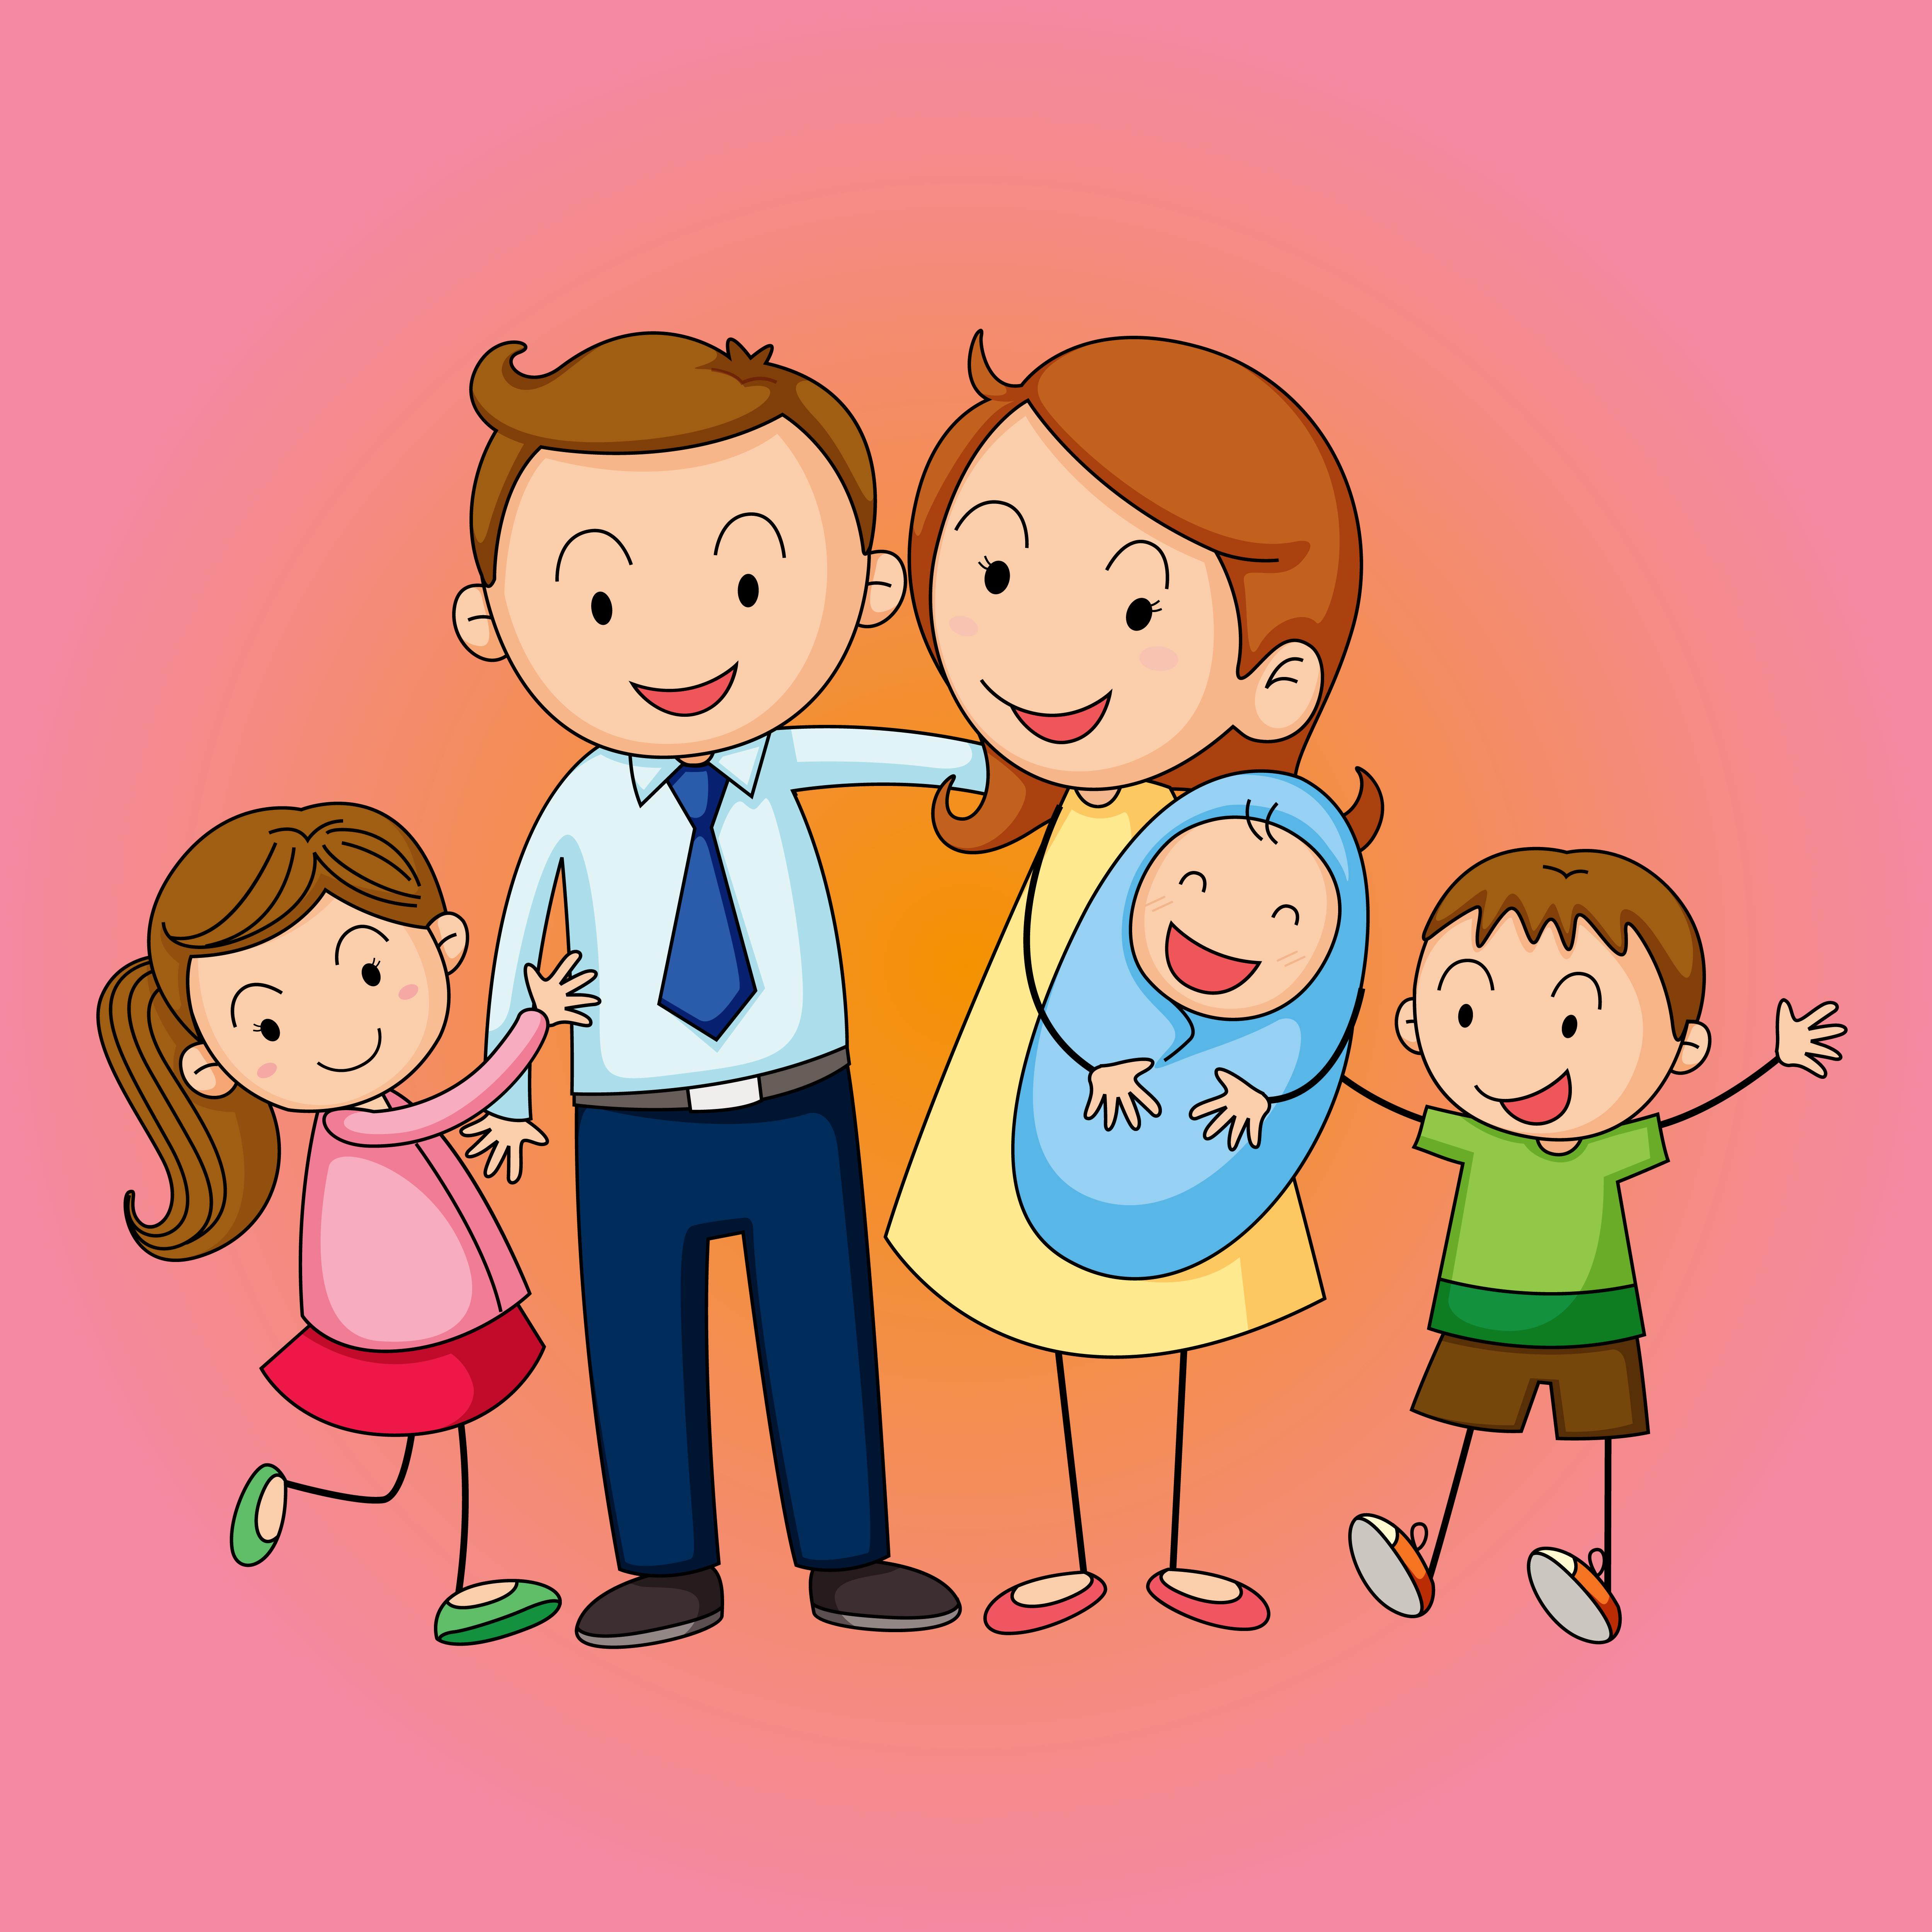 E' IN ARRIVO UN FRATELLINO O UNA SORELLINA – Come riuscire a gestire il cambiamento della famiglia che si allarga